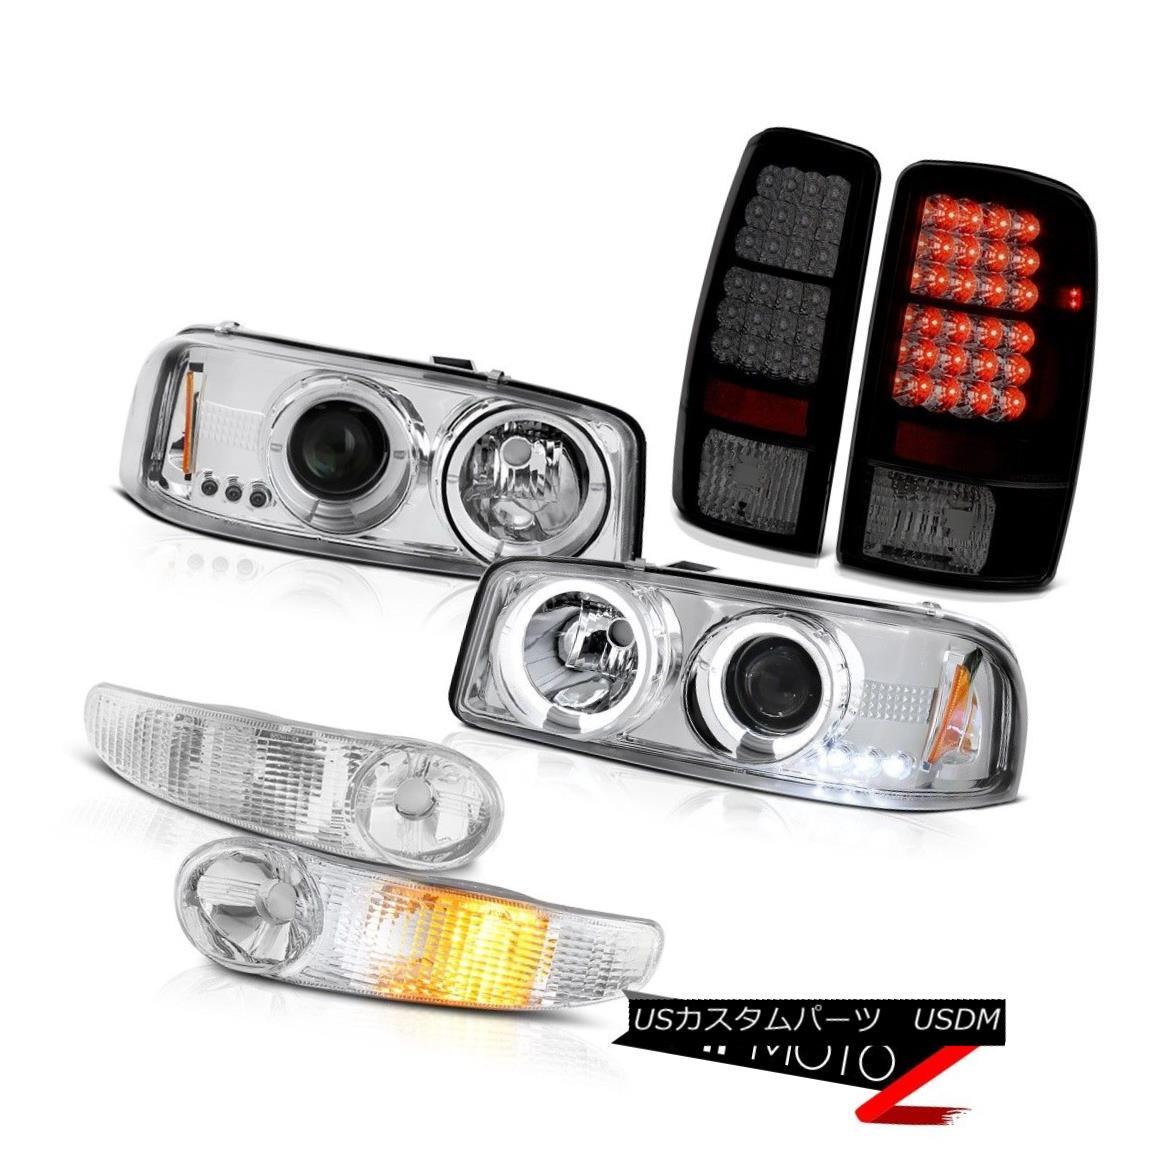 ヘッドライト Denali Projector Headlamp Signal Bumper LED Brake TailLight 01 02 03 04 05 Yukon デナリプロジェクターヘッドランプ信号バンパーLEDブレーキテールライト01 02 03 04 05ユーコン